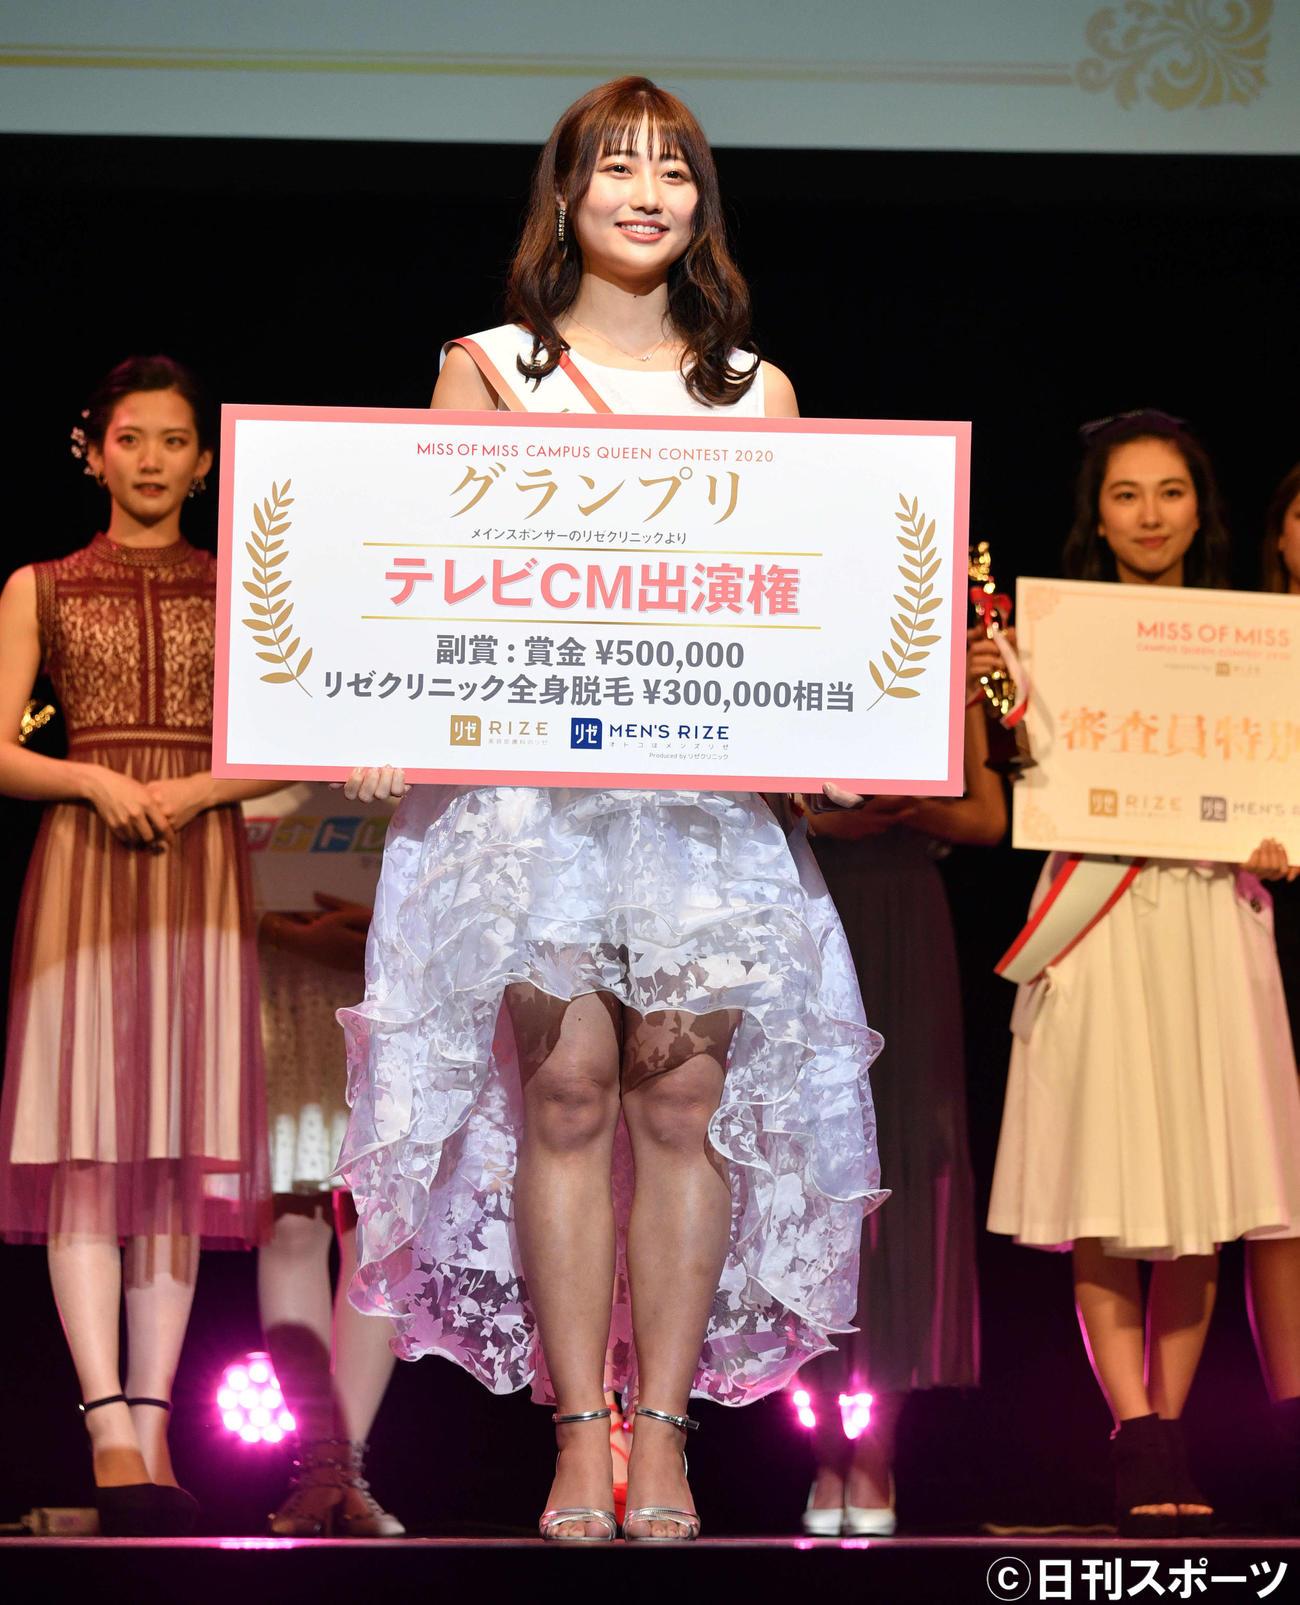 グランプリを受賞した日本大学の西脇萌さん(撮影・滝沢徹郎)